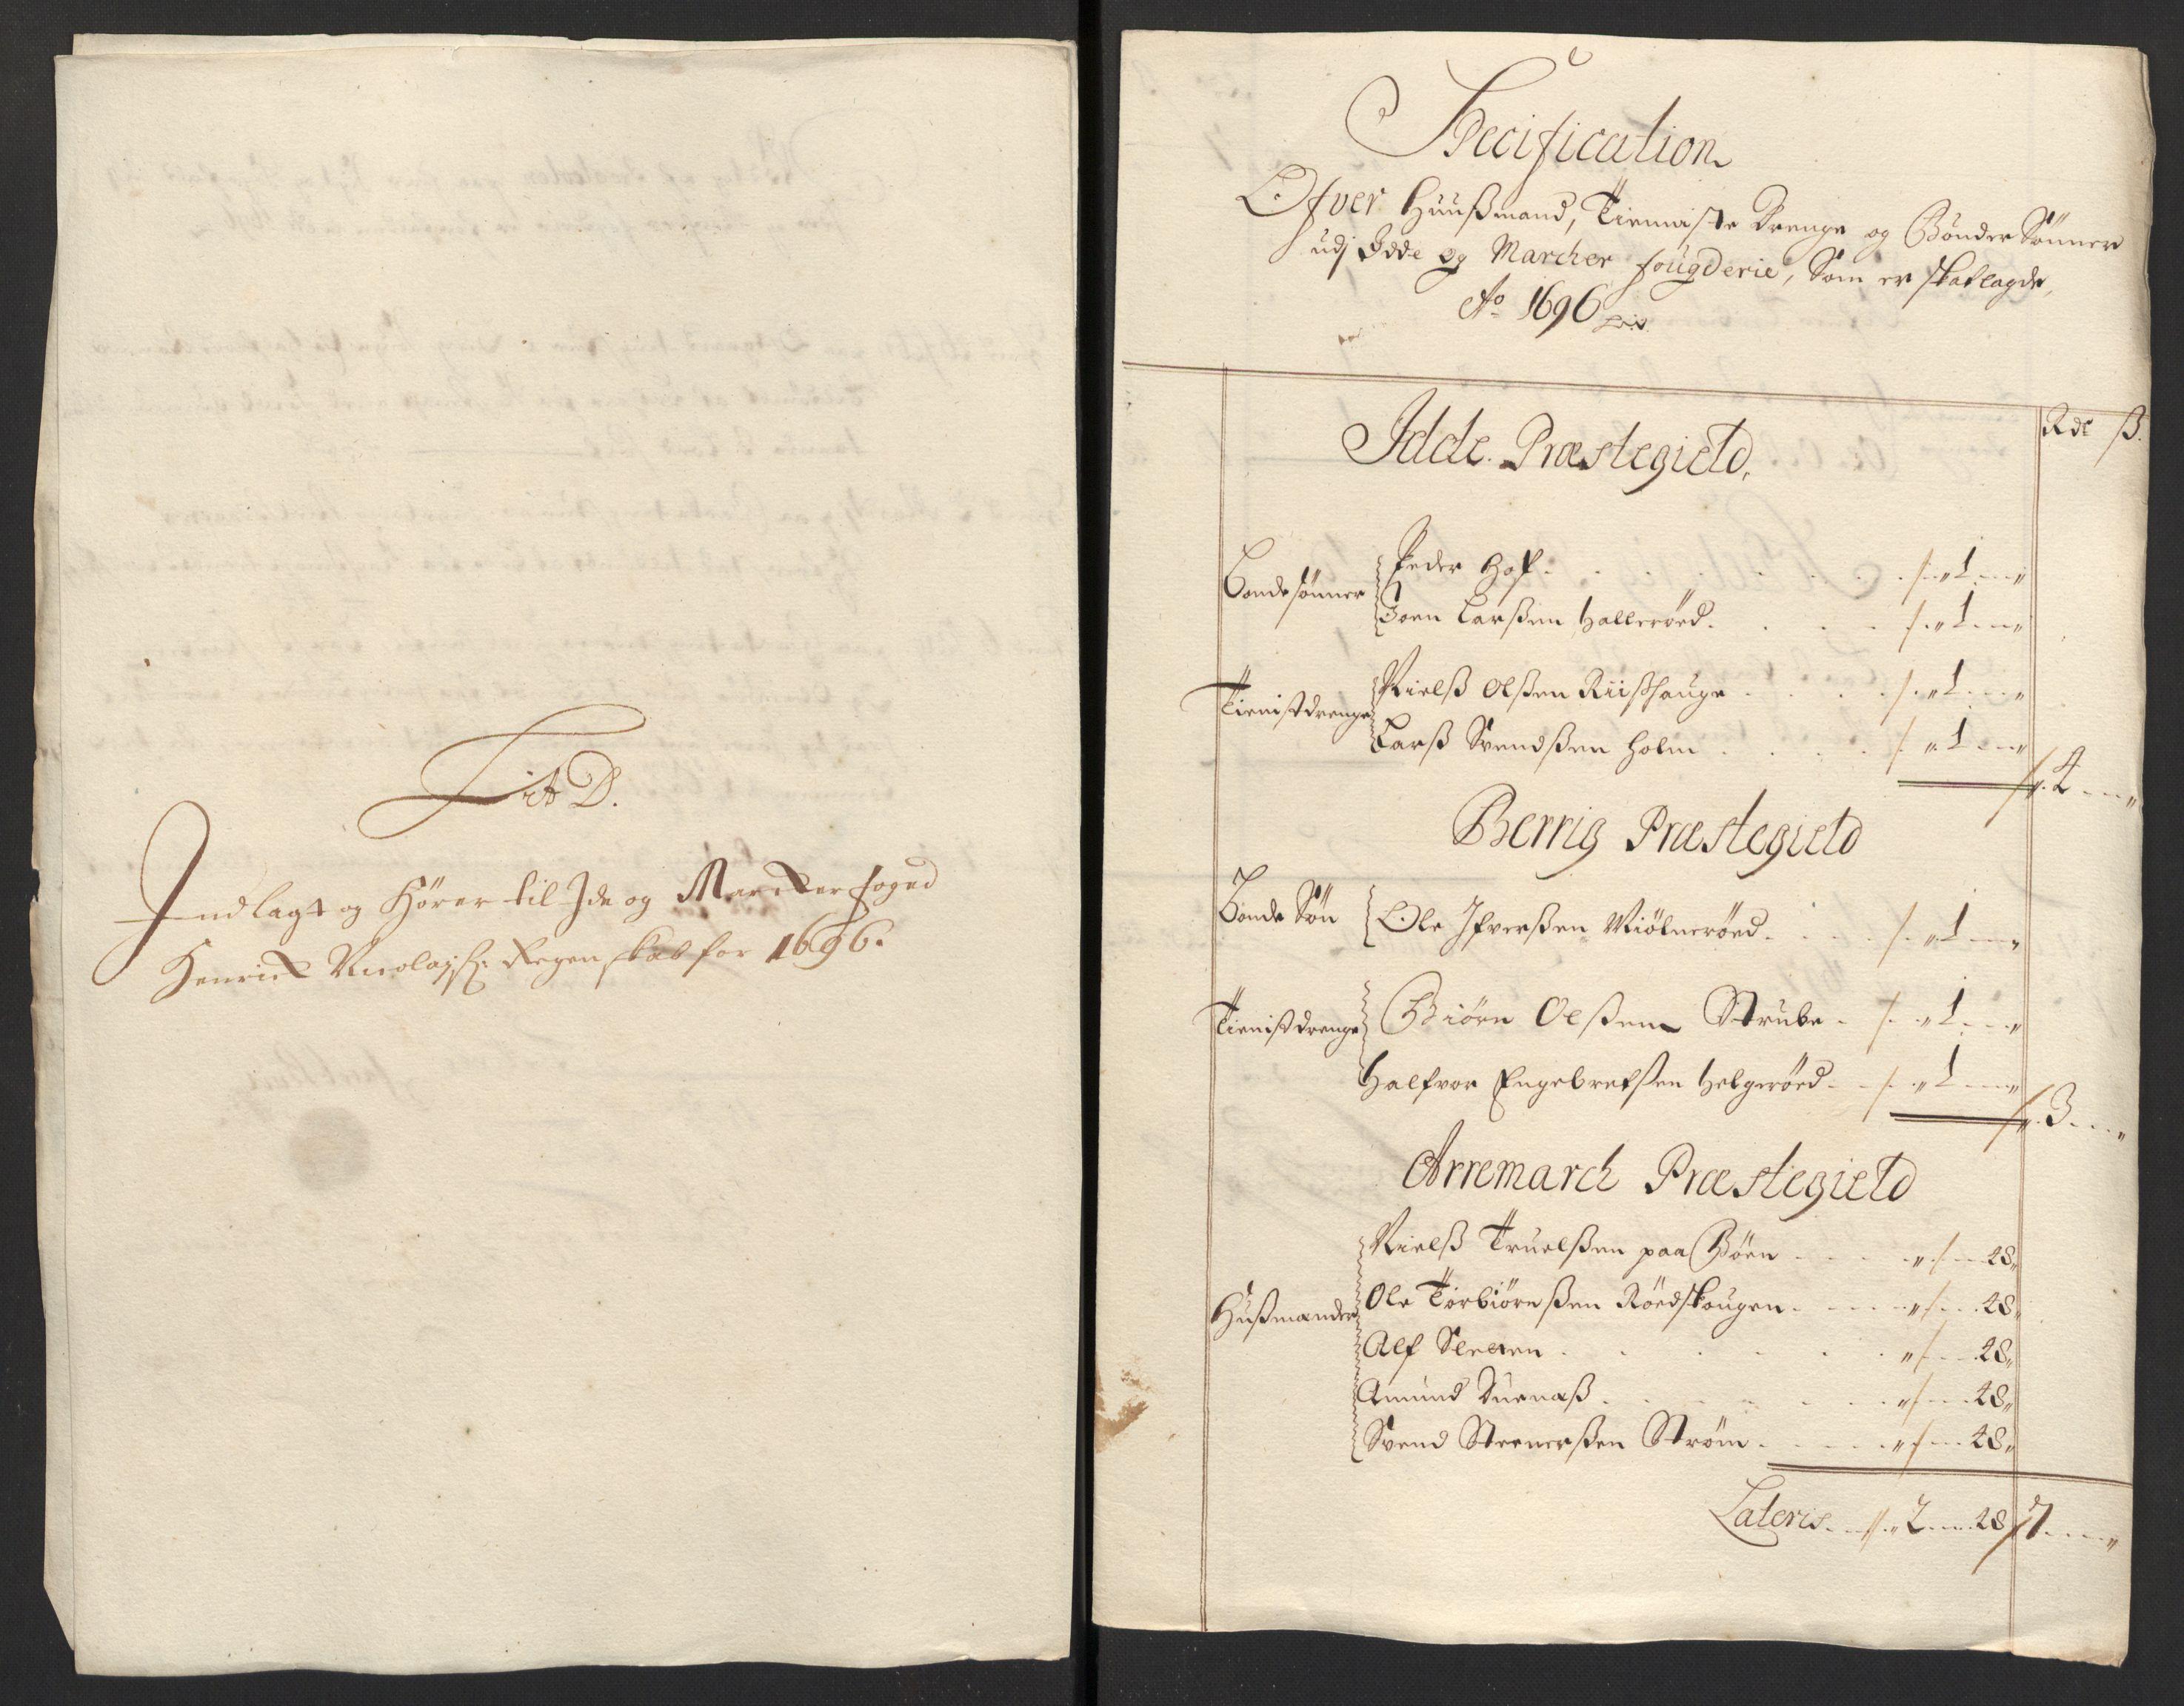 RA, Rentekammeret inntil 1814, Reviderte regnskaper, Fogderegnskap, R01/L0013: Fogderegnskap Idd og Marker, 1696-1698, s. 114